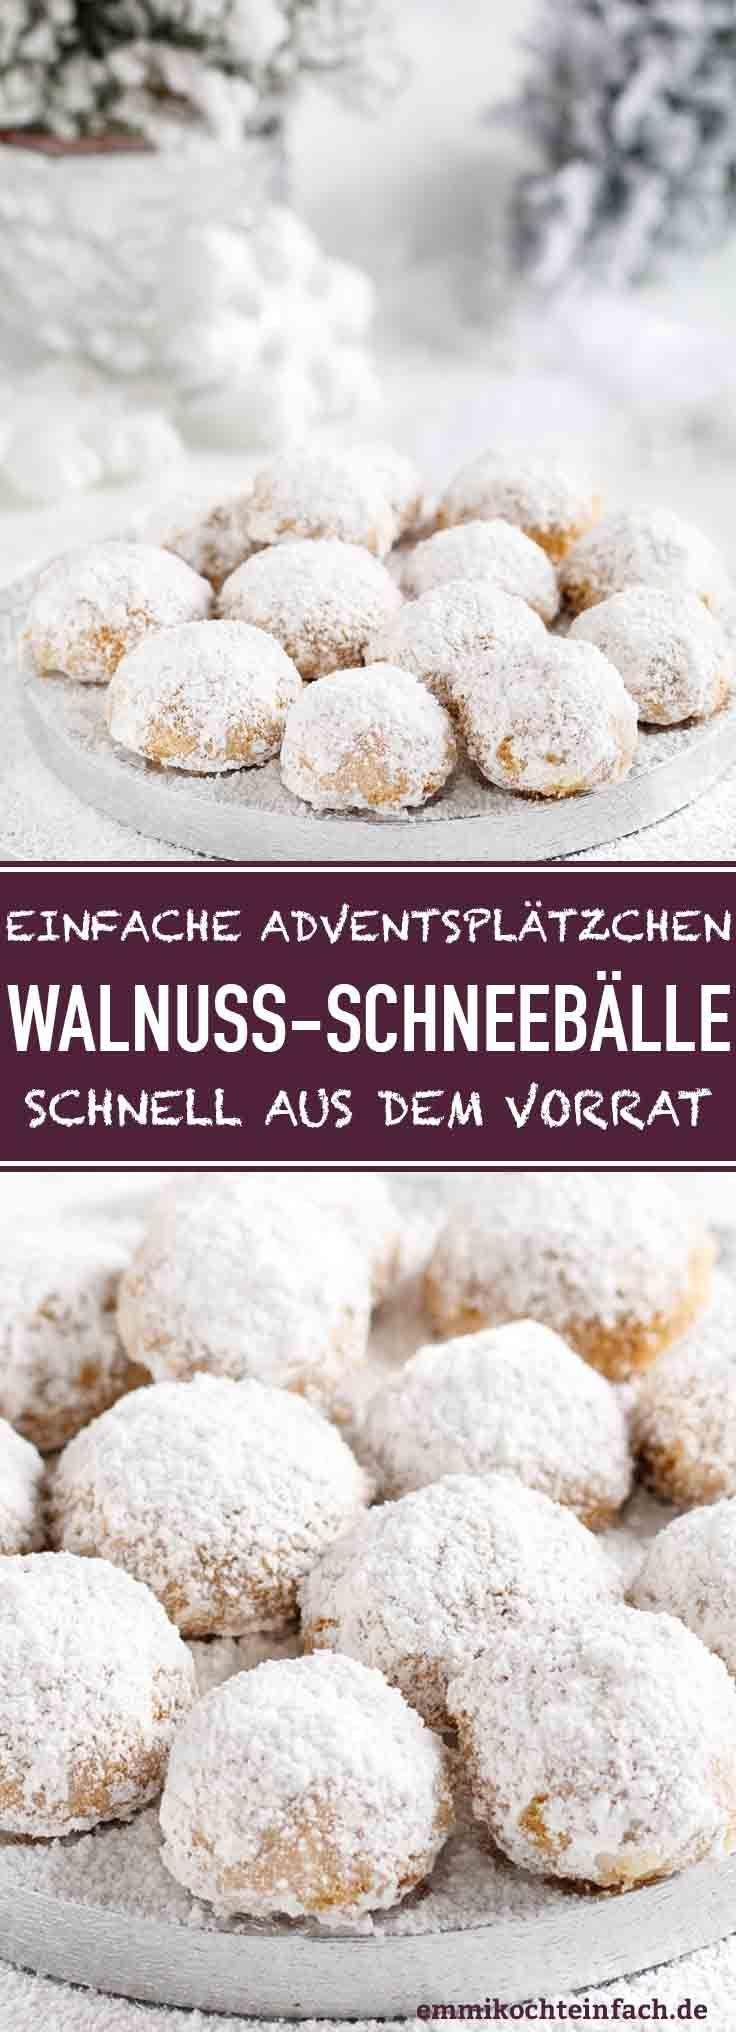 Photo of Walnuss Schneebälle – emmikochteinfach